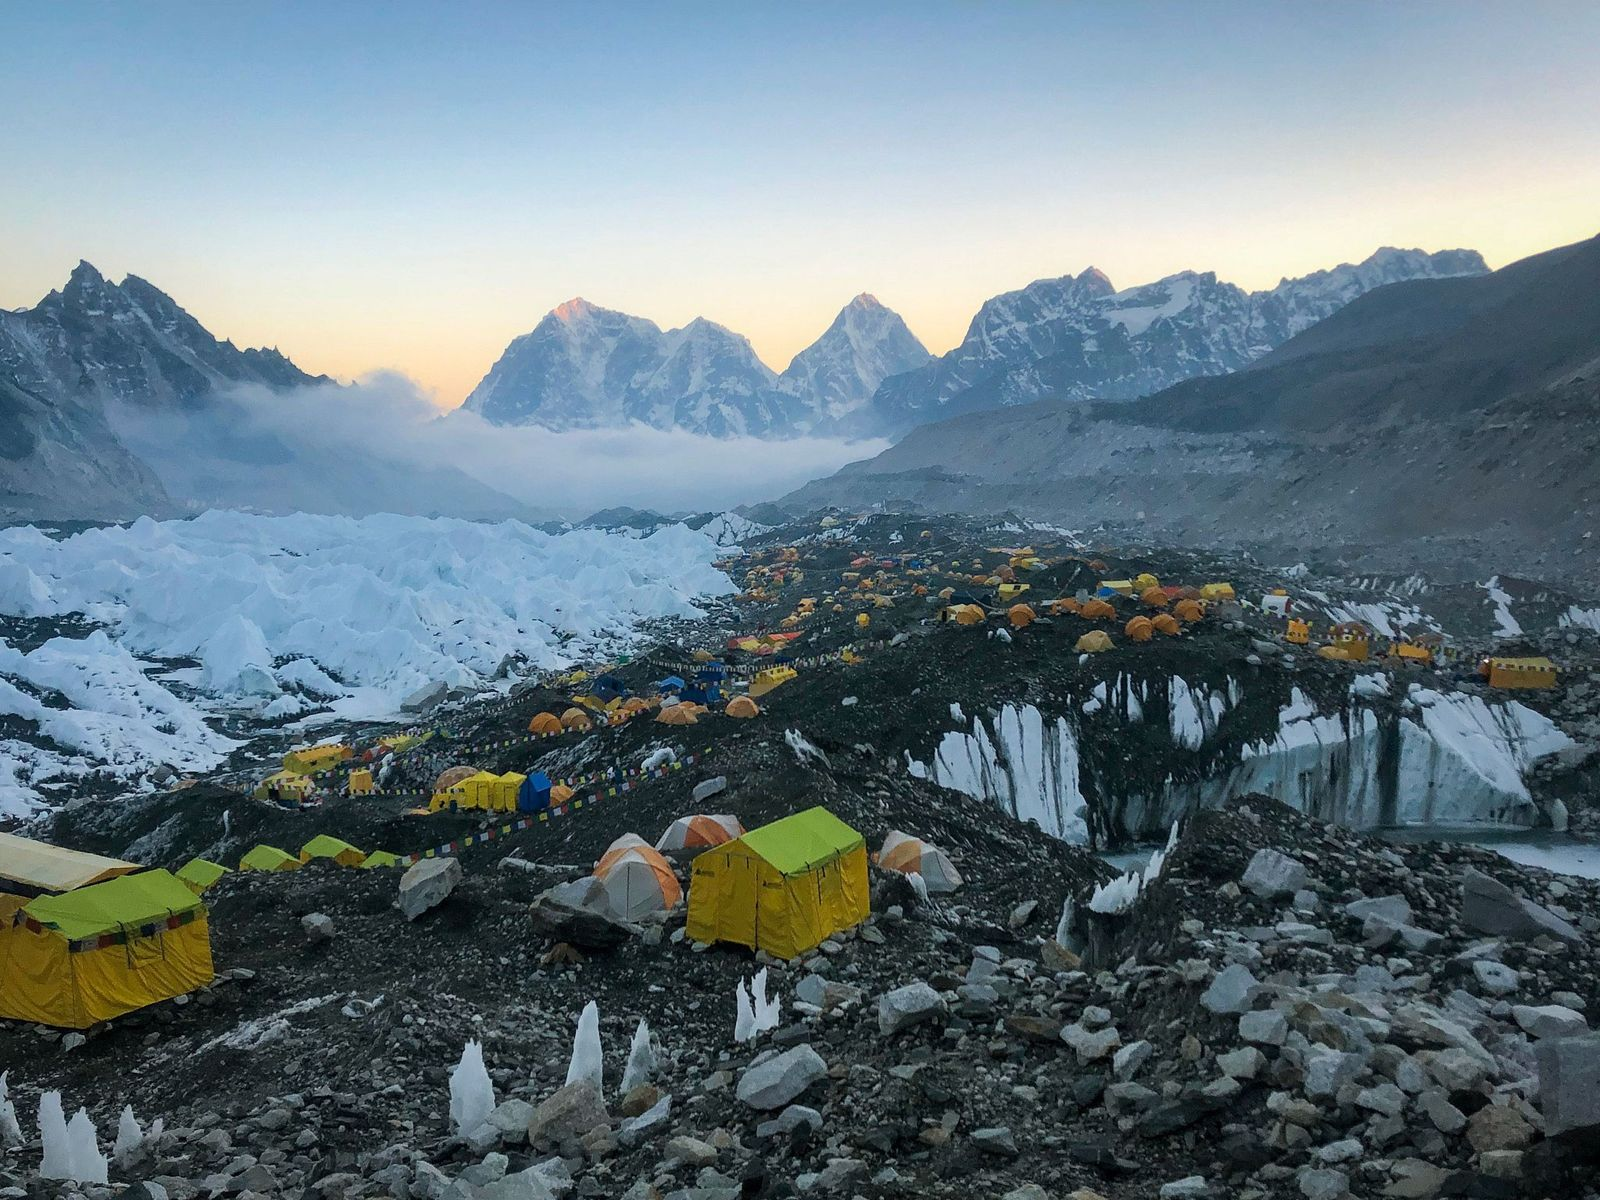 Viver no Acampamento-base do Evereste